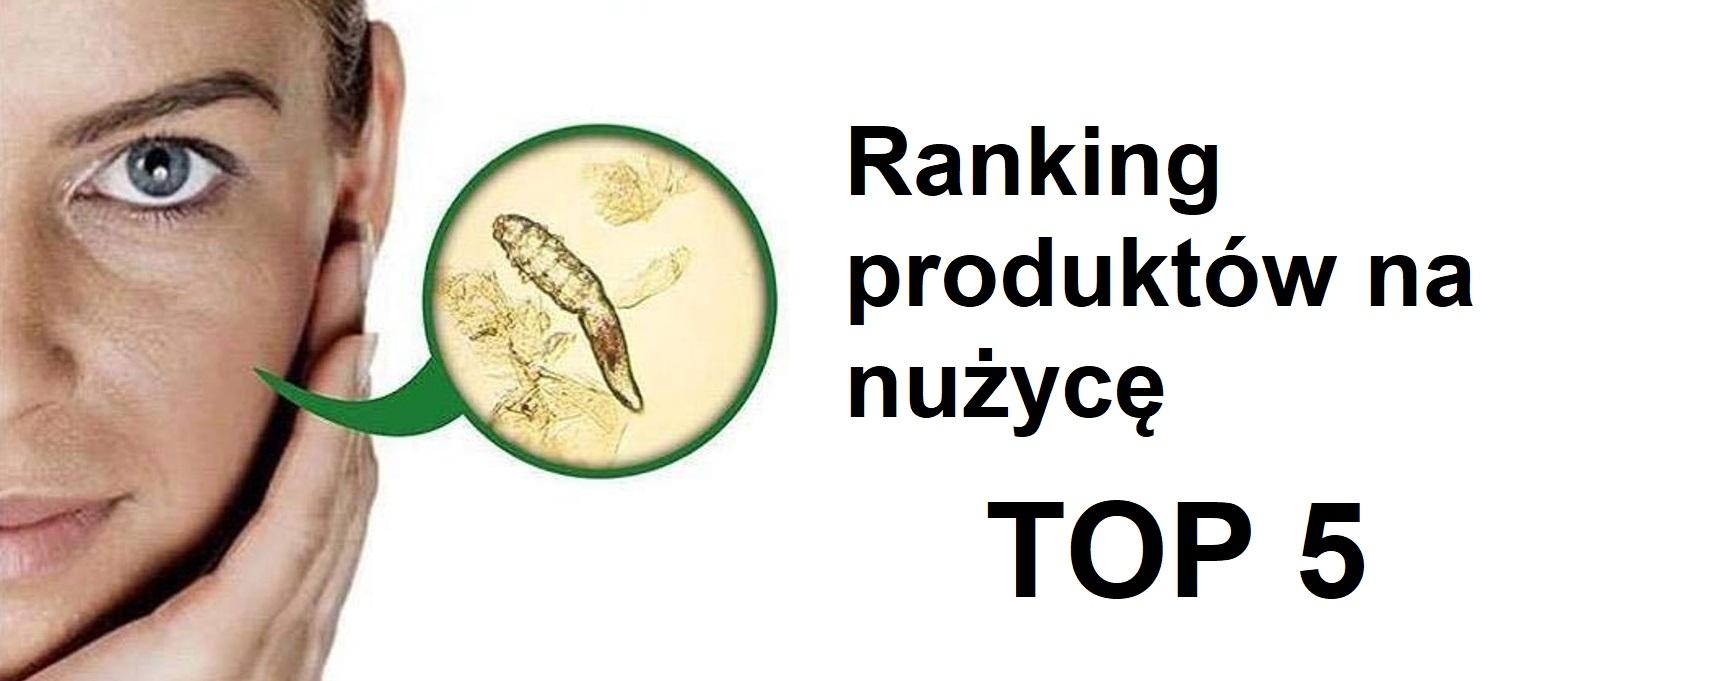 Ranking produktów na nużycę - TOP 5